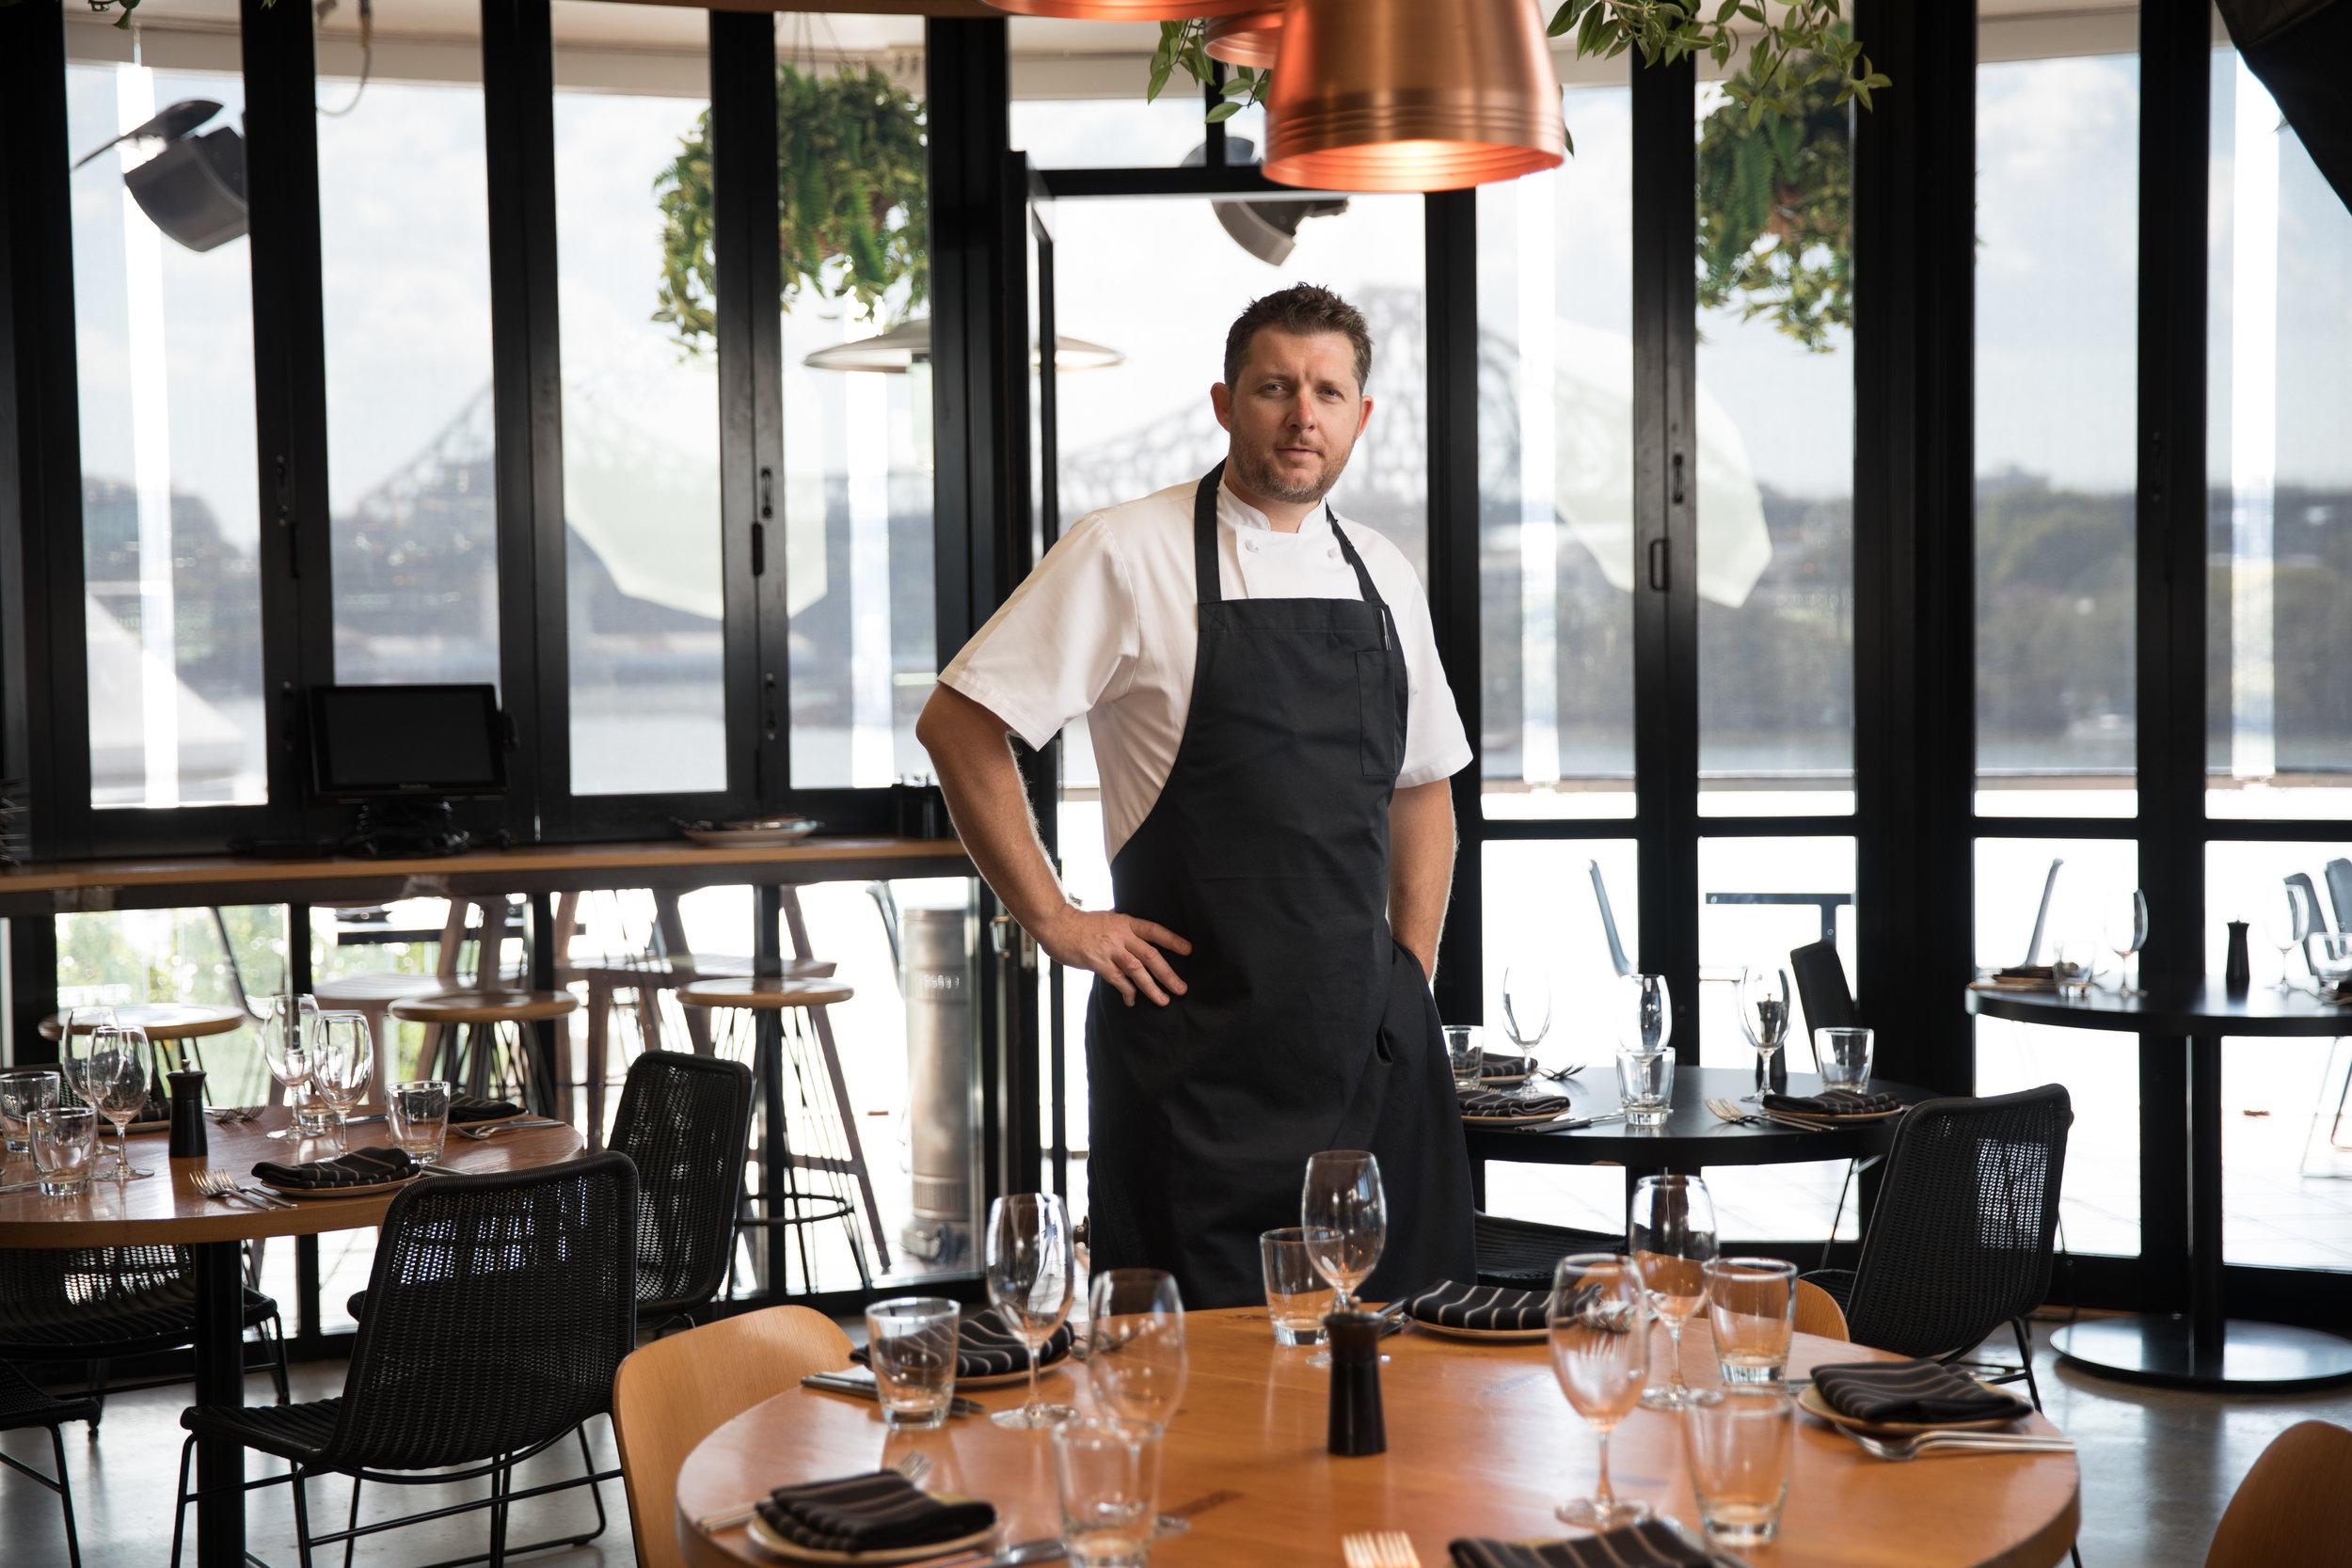 Head Chef Michael Crosbie. Image by David Hughes.